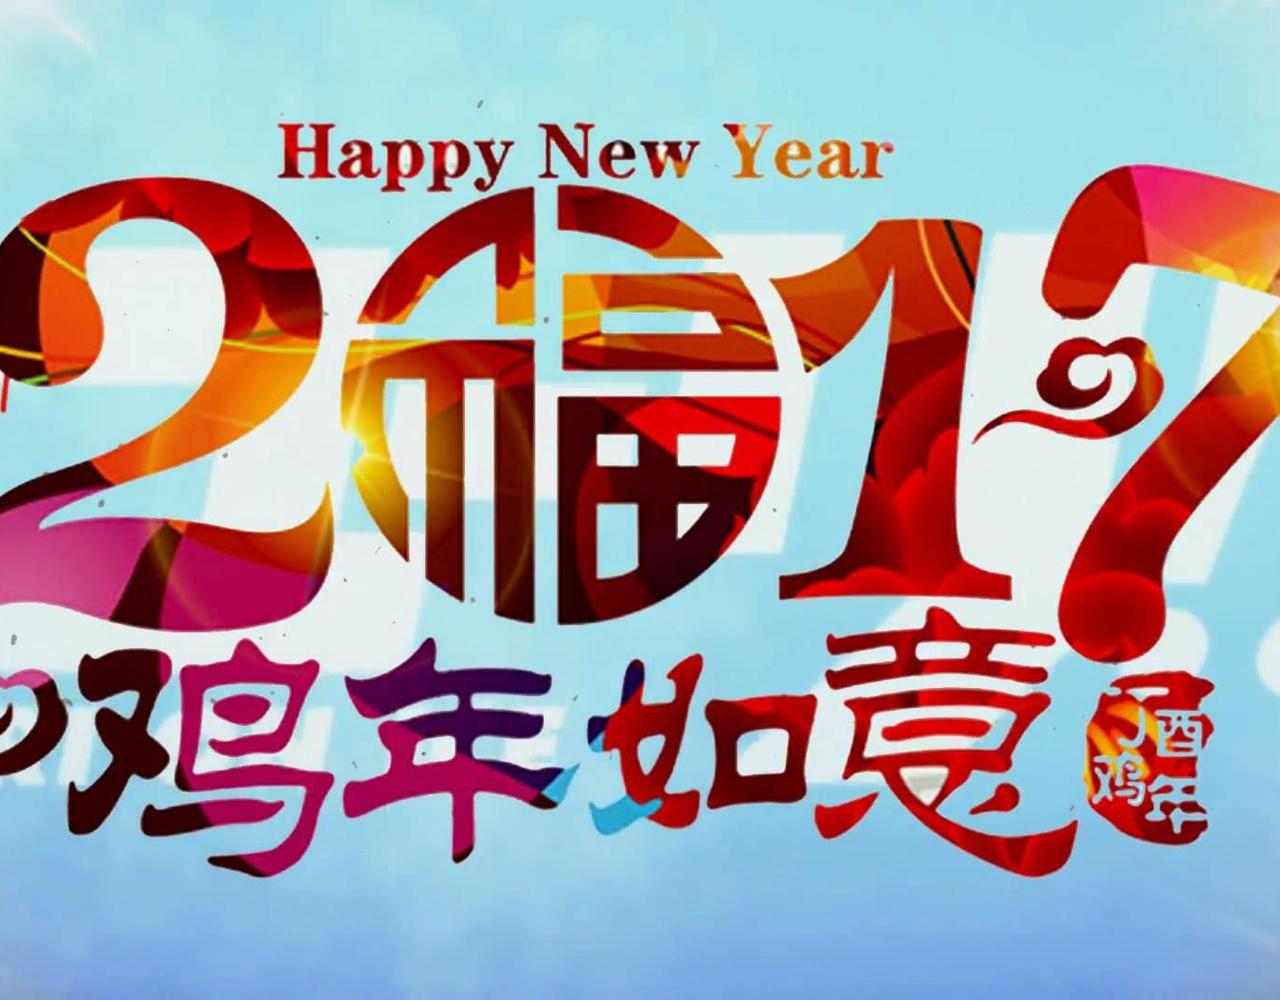 【冰上的尤里/恭喜恭喜】YOI给您拜年啦!祝大家鸡年大吉吧~!